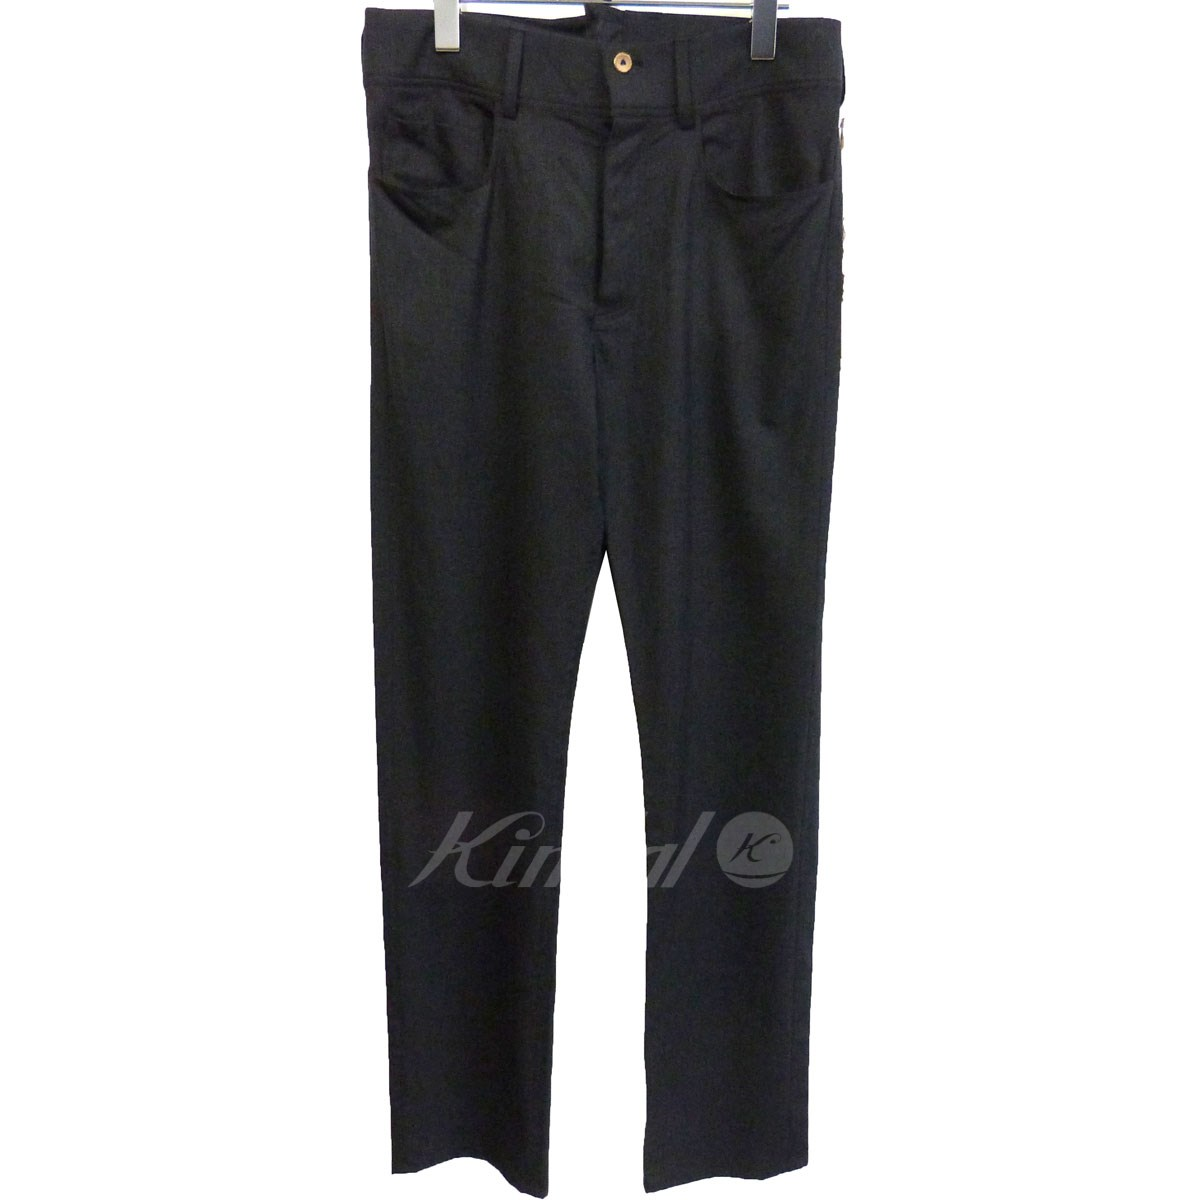 【中古】Araki Yuu シンチバックスラックスパンツ チャコールグレー サイズ:1 【210320】(アラキユウ)